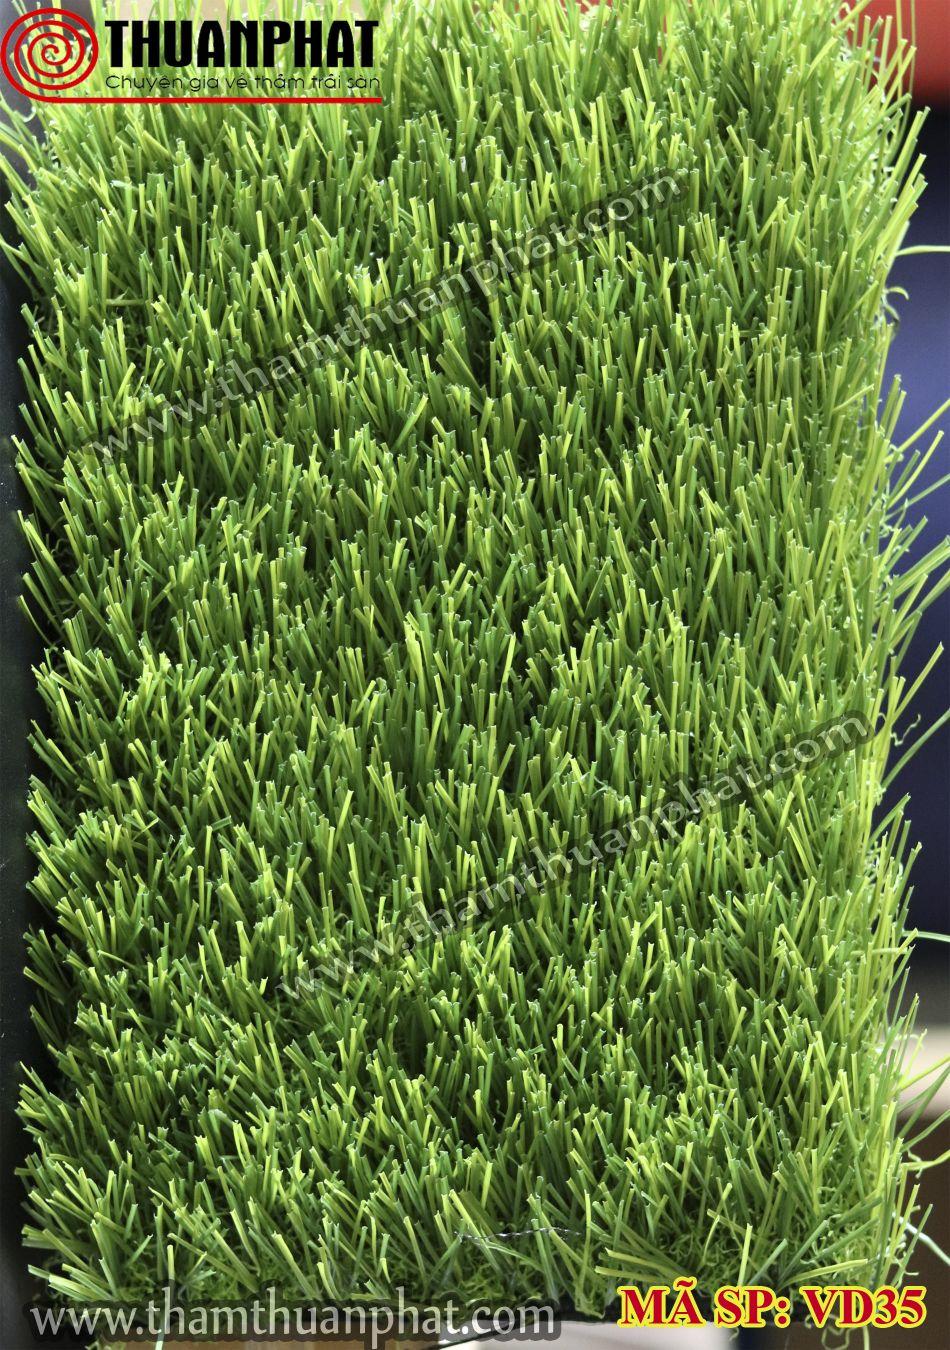 Thảm cỏ nhân tạo VD35